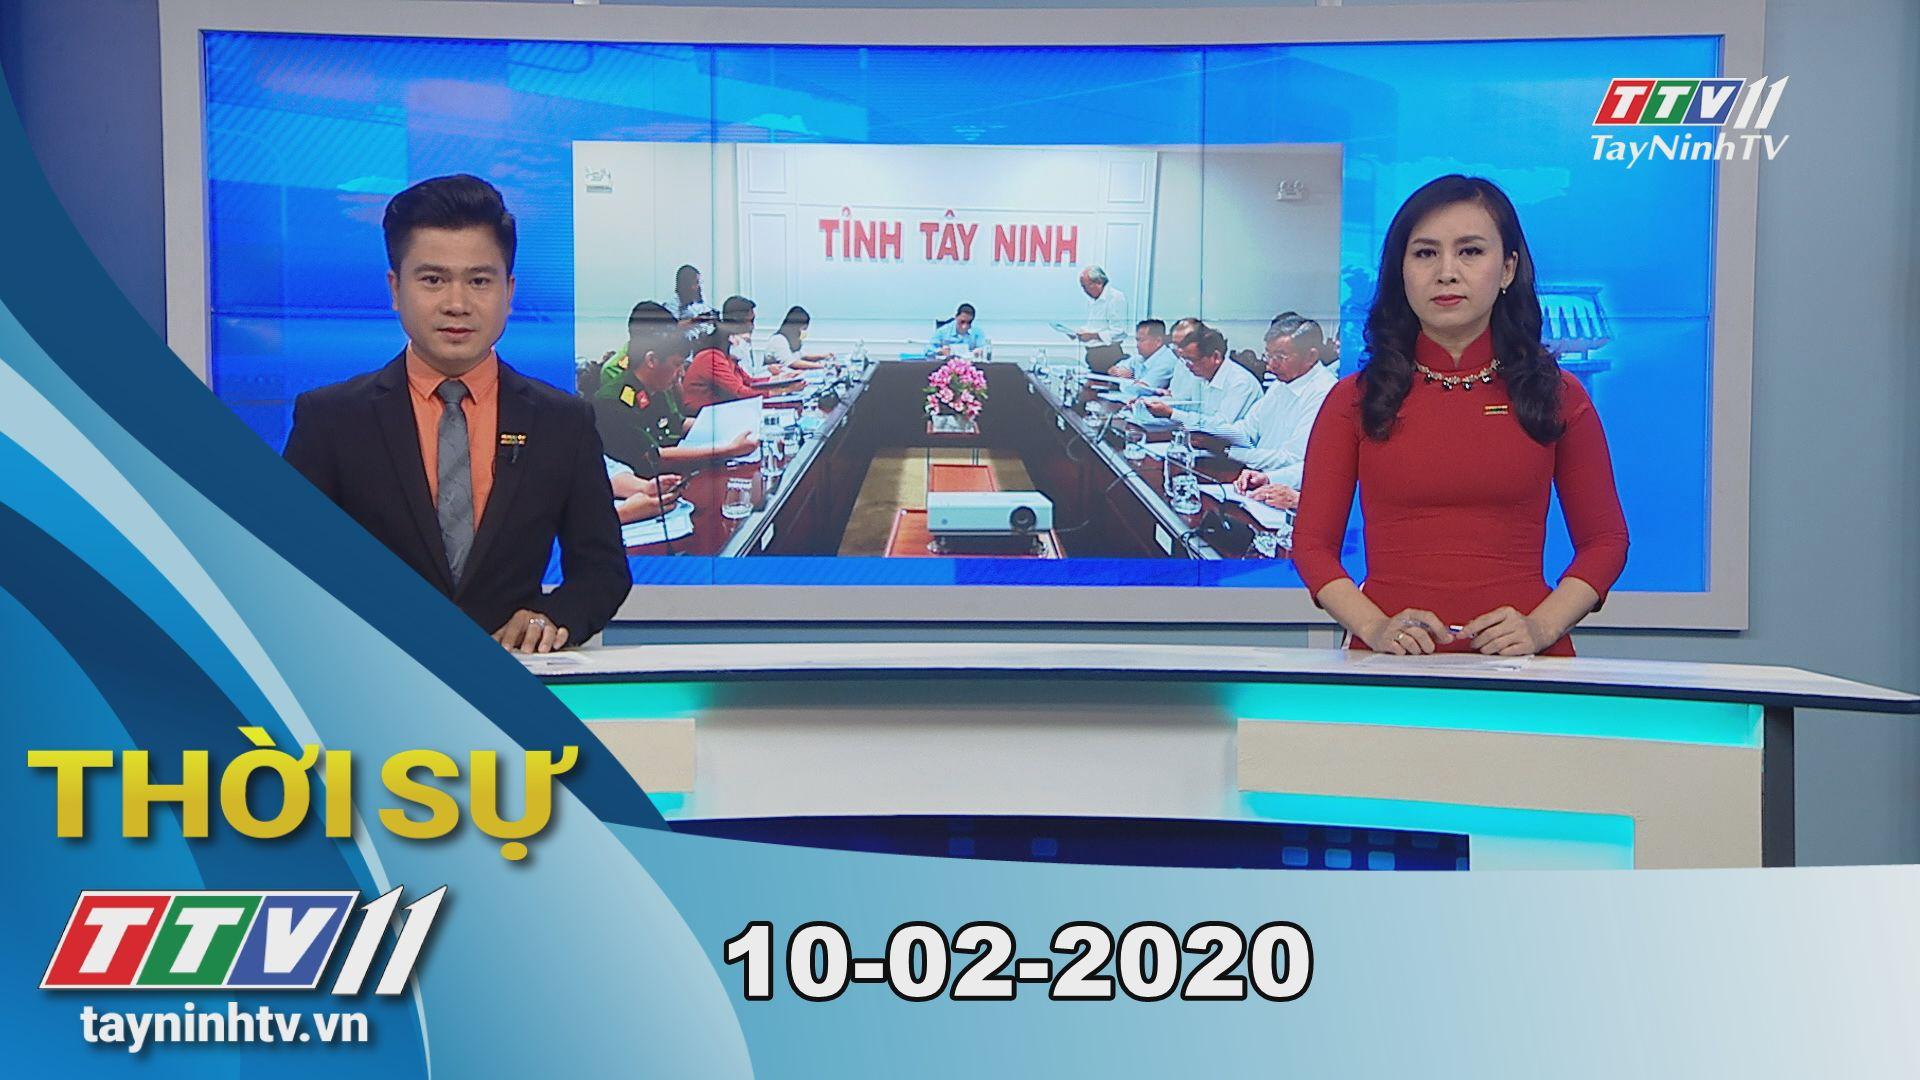 Thời sự Tây Ninh 10-02-2020 | Tin tức hôm nay | TayNinhTV